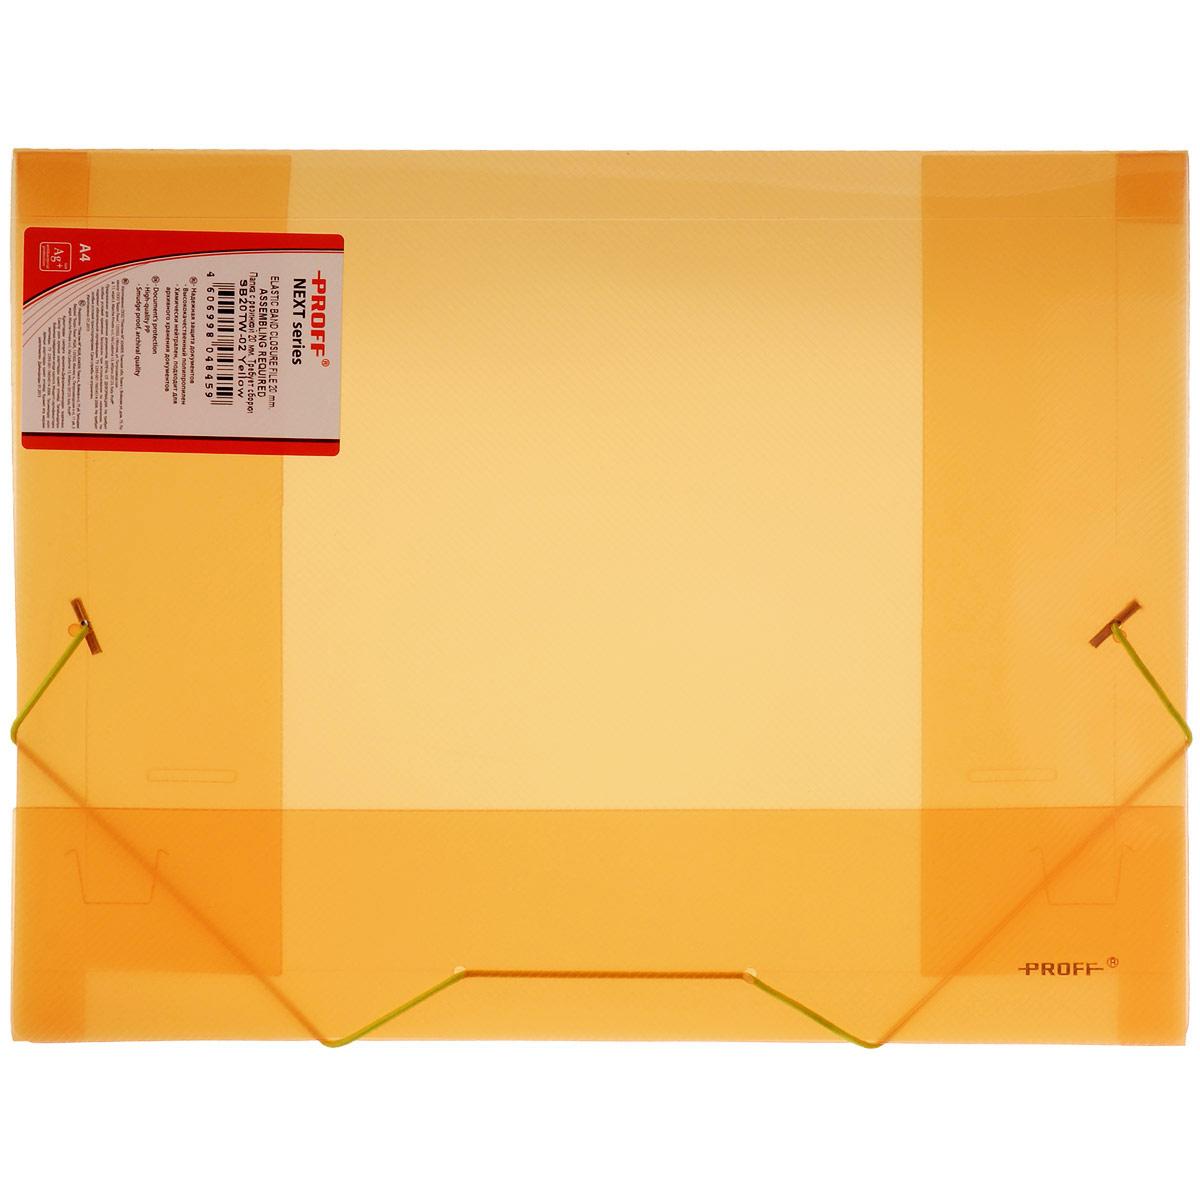 Папка на резинке Proff Next, цвет: желтый, 3 клапана. Формат А4. SB20TW-02Пкм4к_08880Папка на резинке Proff Next, изготовленная из высококачественного плотногополипропилена, это удобный и практичный офисный инструмент, предназначенный для хранения и транспортировки рабочих бумаг и документов формата А4. Полупрозрачная папка, оснащенная тремя клапанами внутри для надежного удержания бумаг, закрывается при помощи угловых резинок. Согнув клапаны по линии биговки, можно легко увеличить объем папки, что позволит вместить большее количество документов.Папка на резинке - это незаменимый атрибут для студента, школьника, офисного работника. Такая папка надежно сохранит ваши документы и сбережет их от повреждений, пыли и влаги.